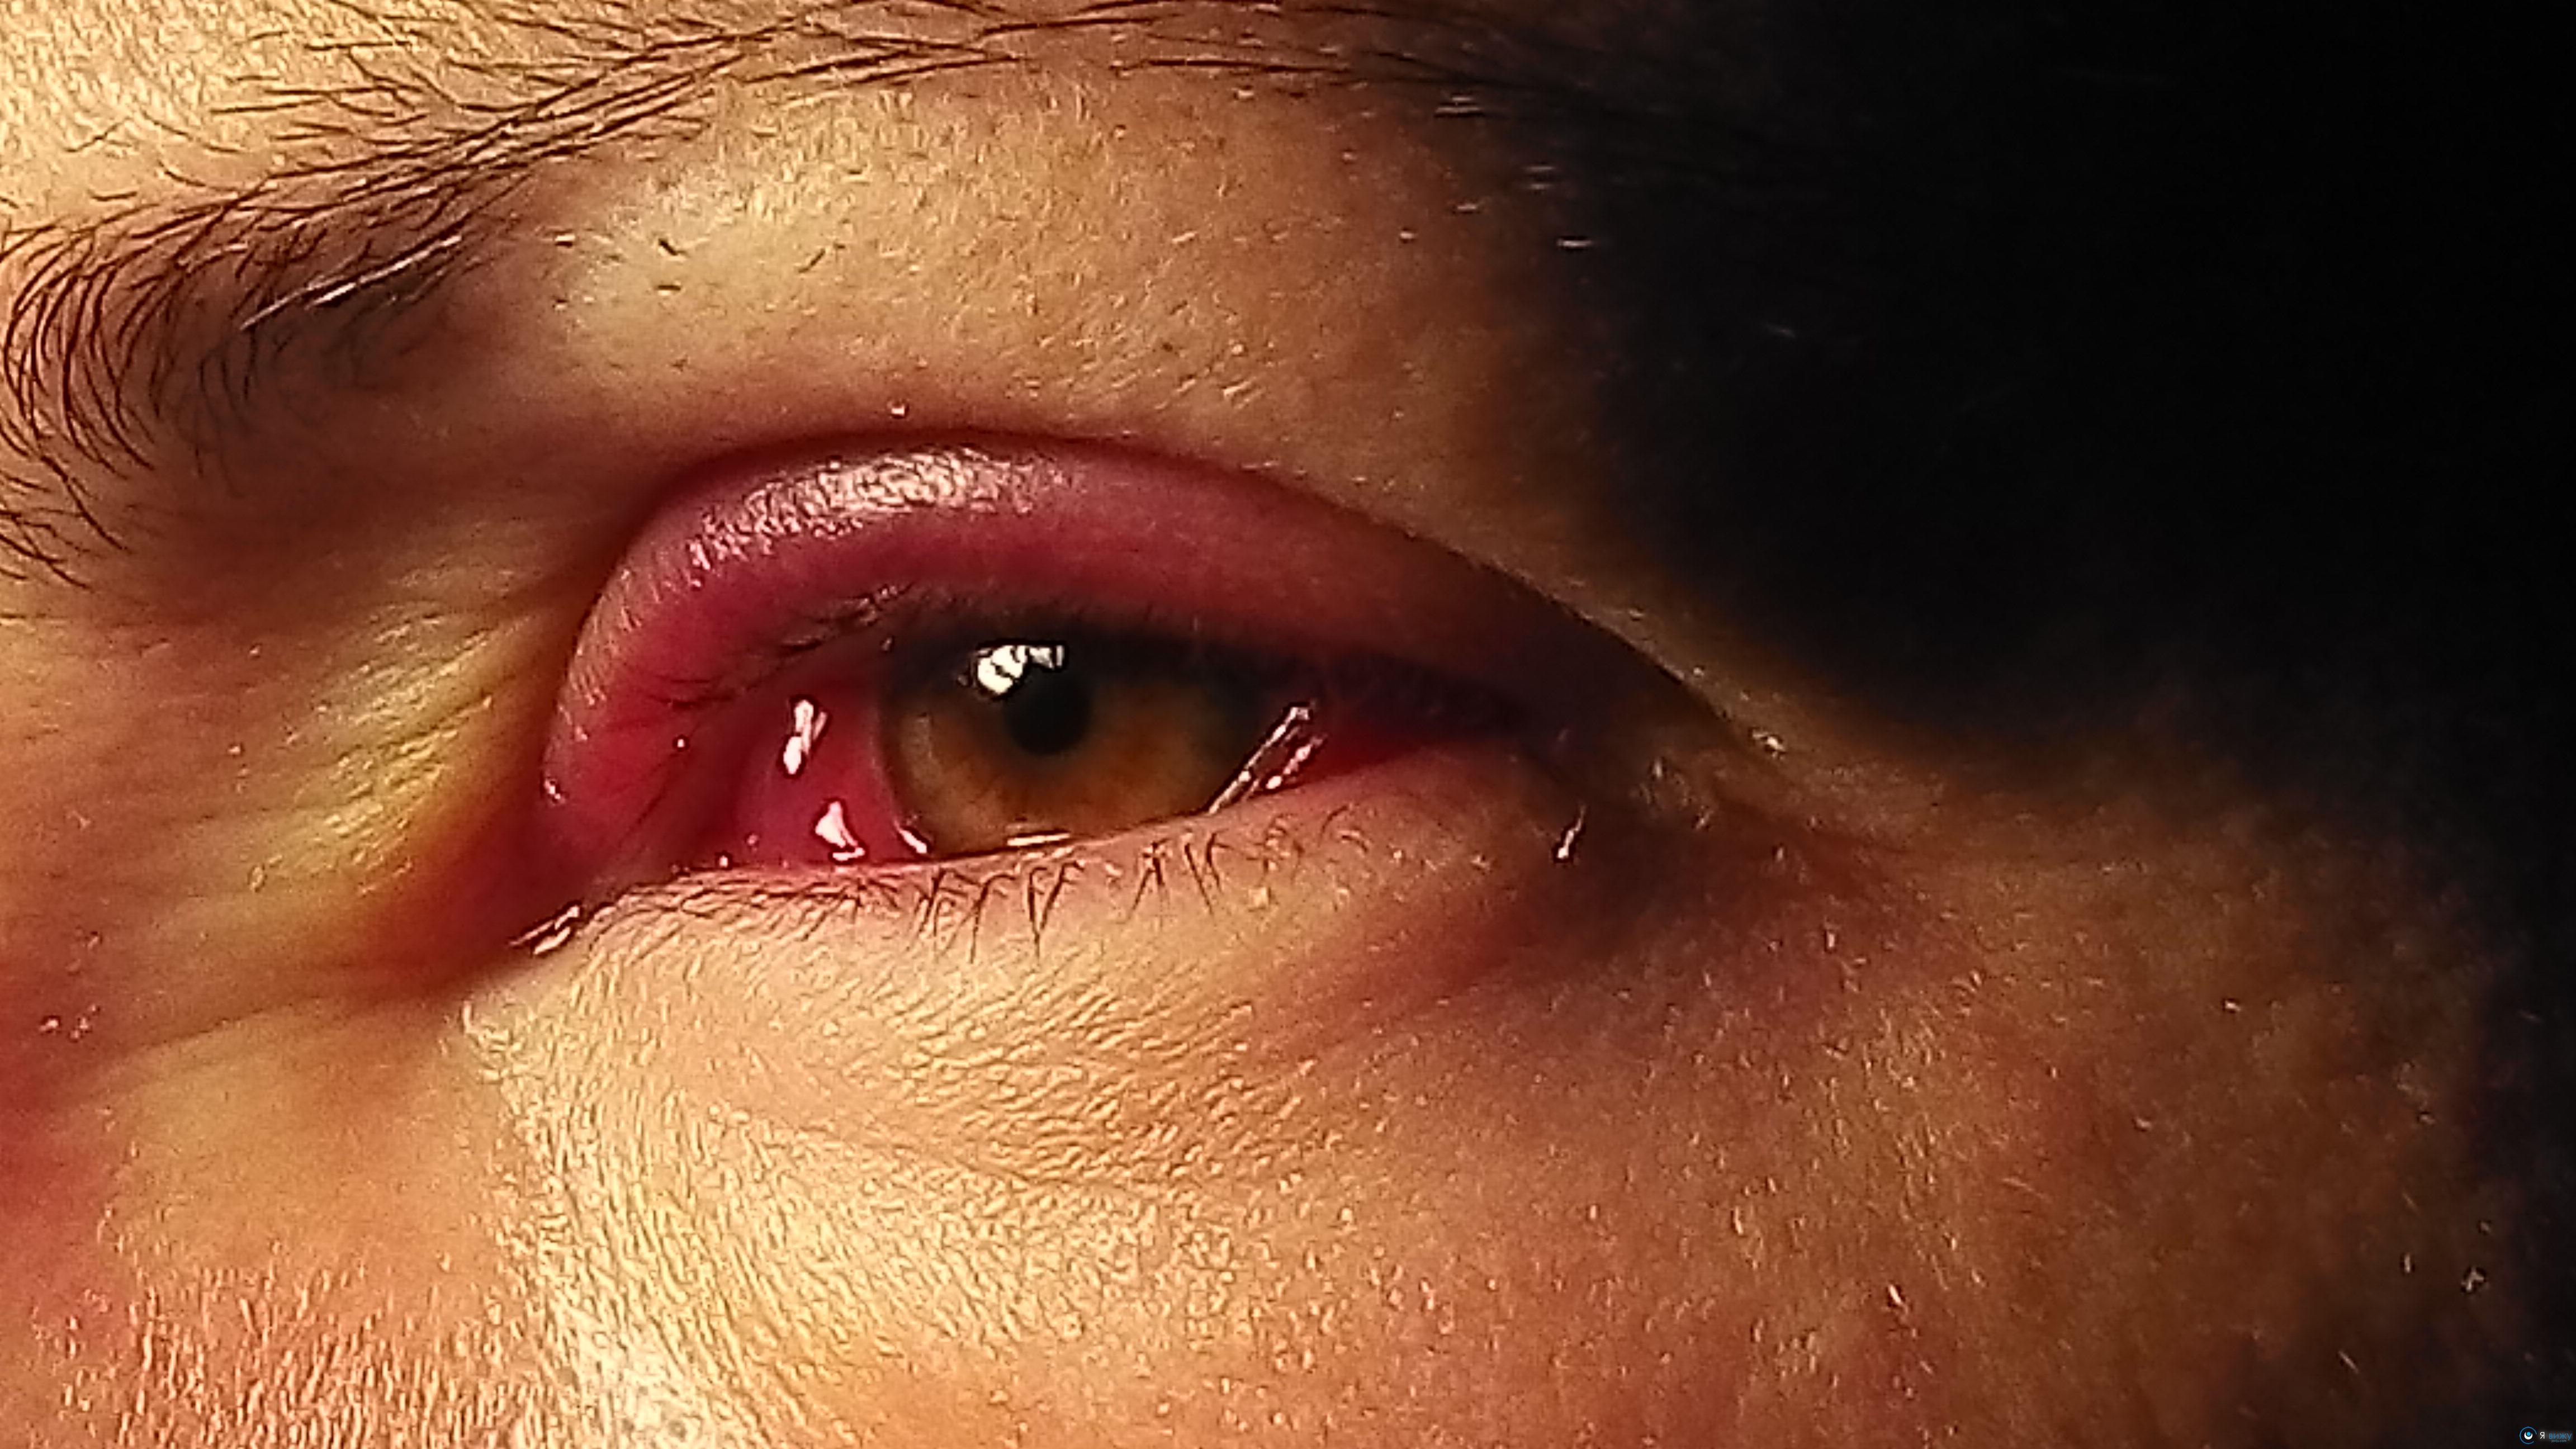 Красные веки глаз: причины у взрослого человека